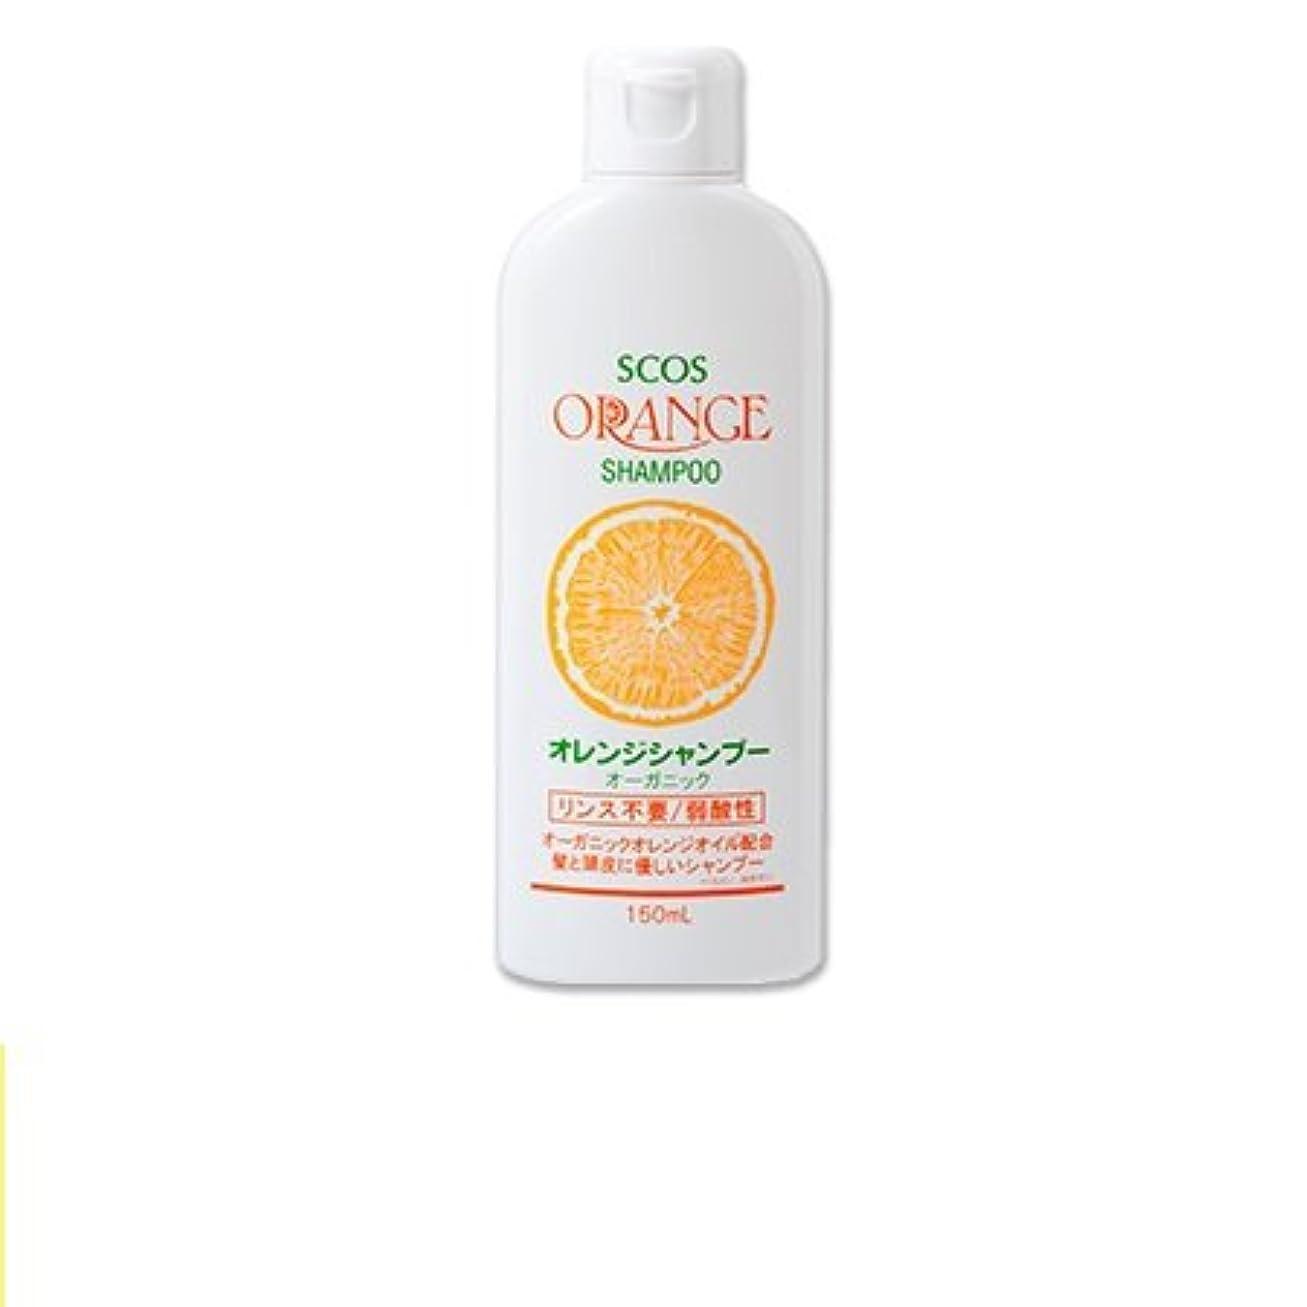 うがいお金ヒントエスコス オレンジシャンプーオーガニック (150ml)